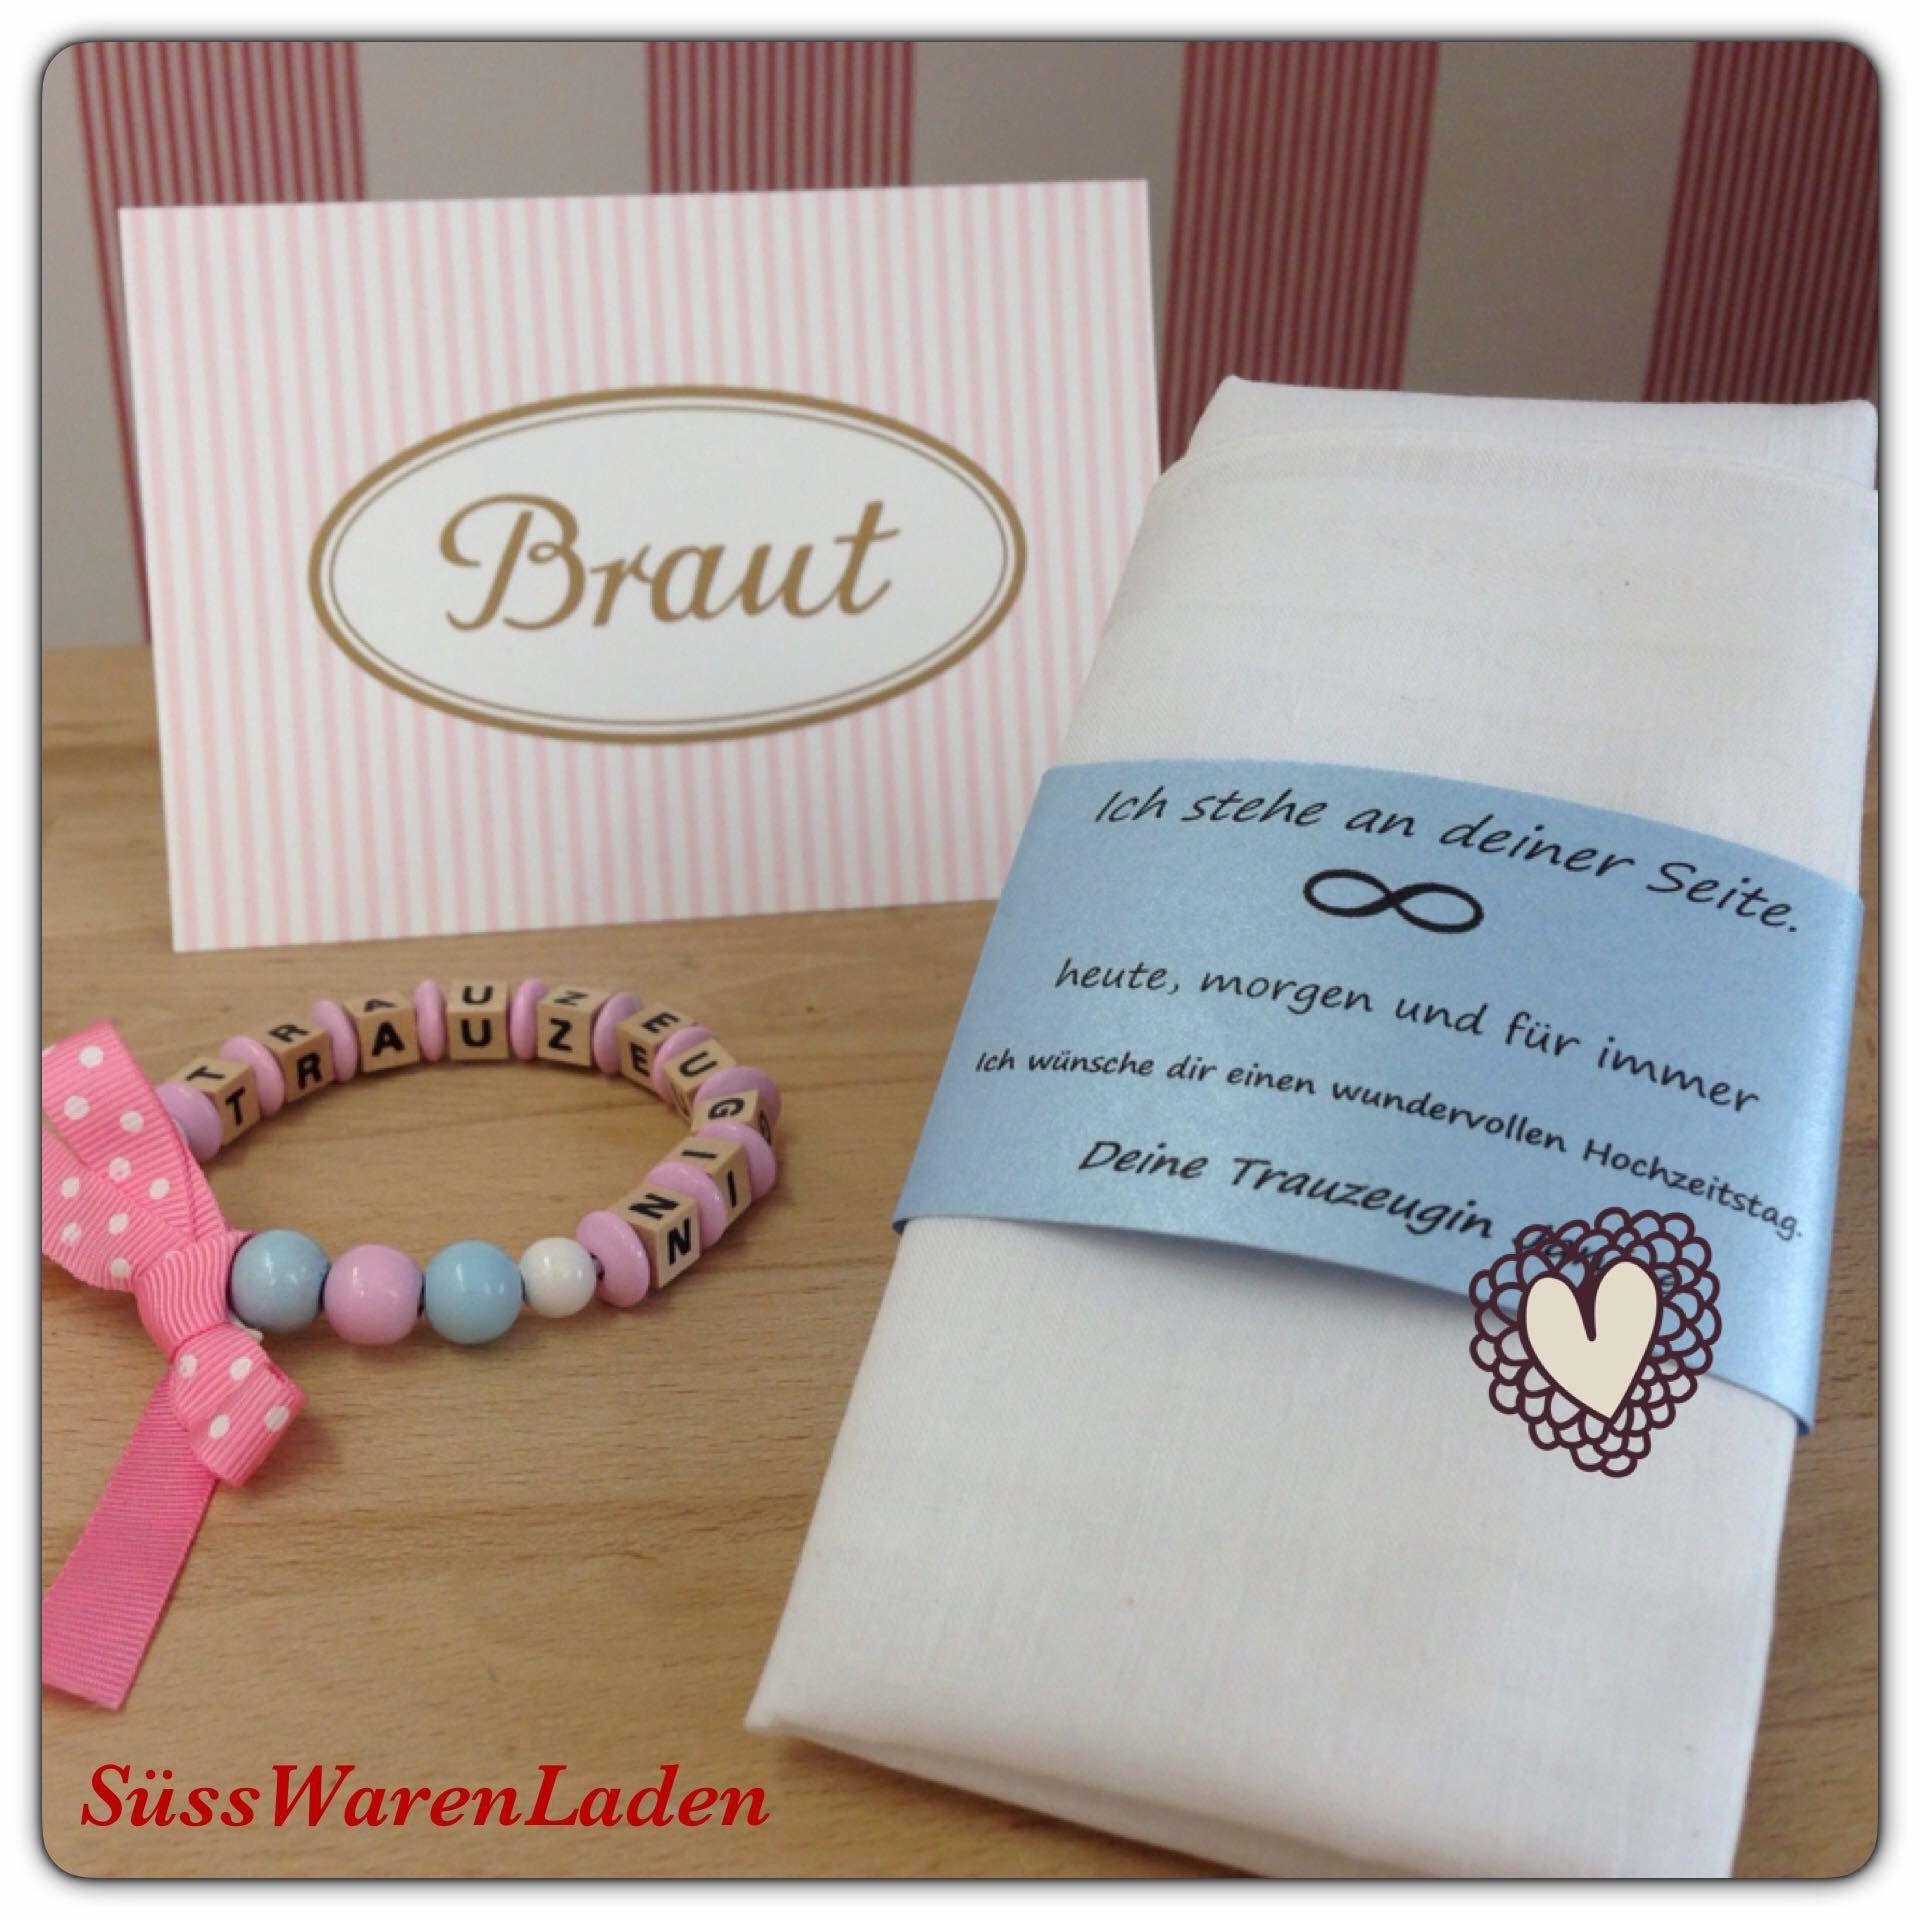 Geschenk fr die Braut Stofftaschentuch mit persnlichem Text Geschenk fr die Trauzeugin